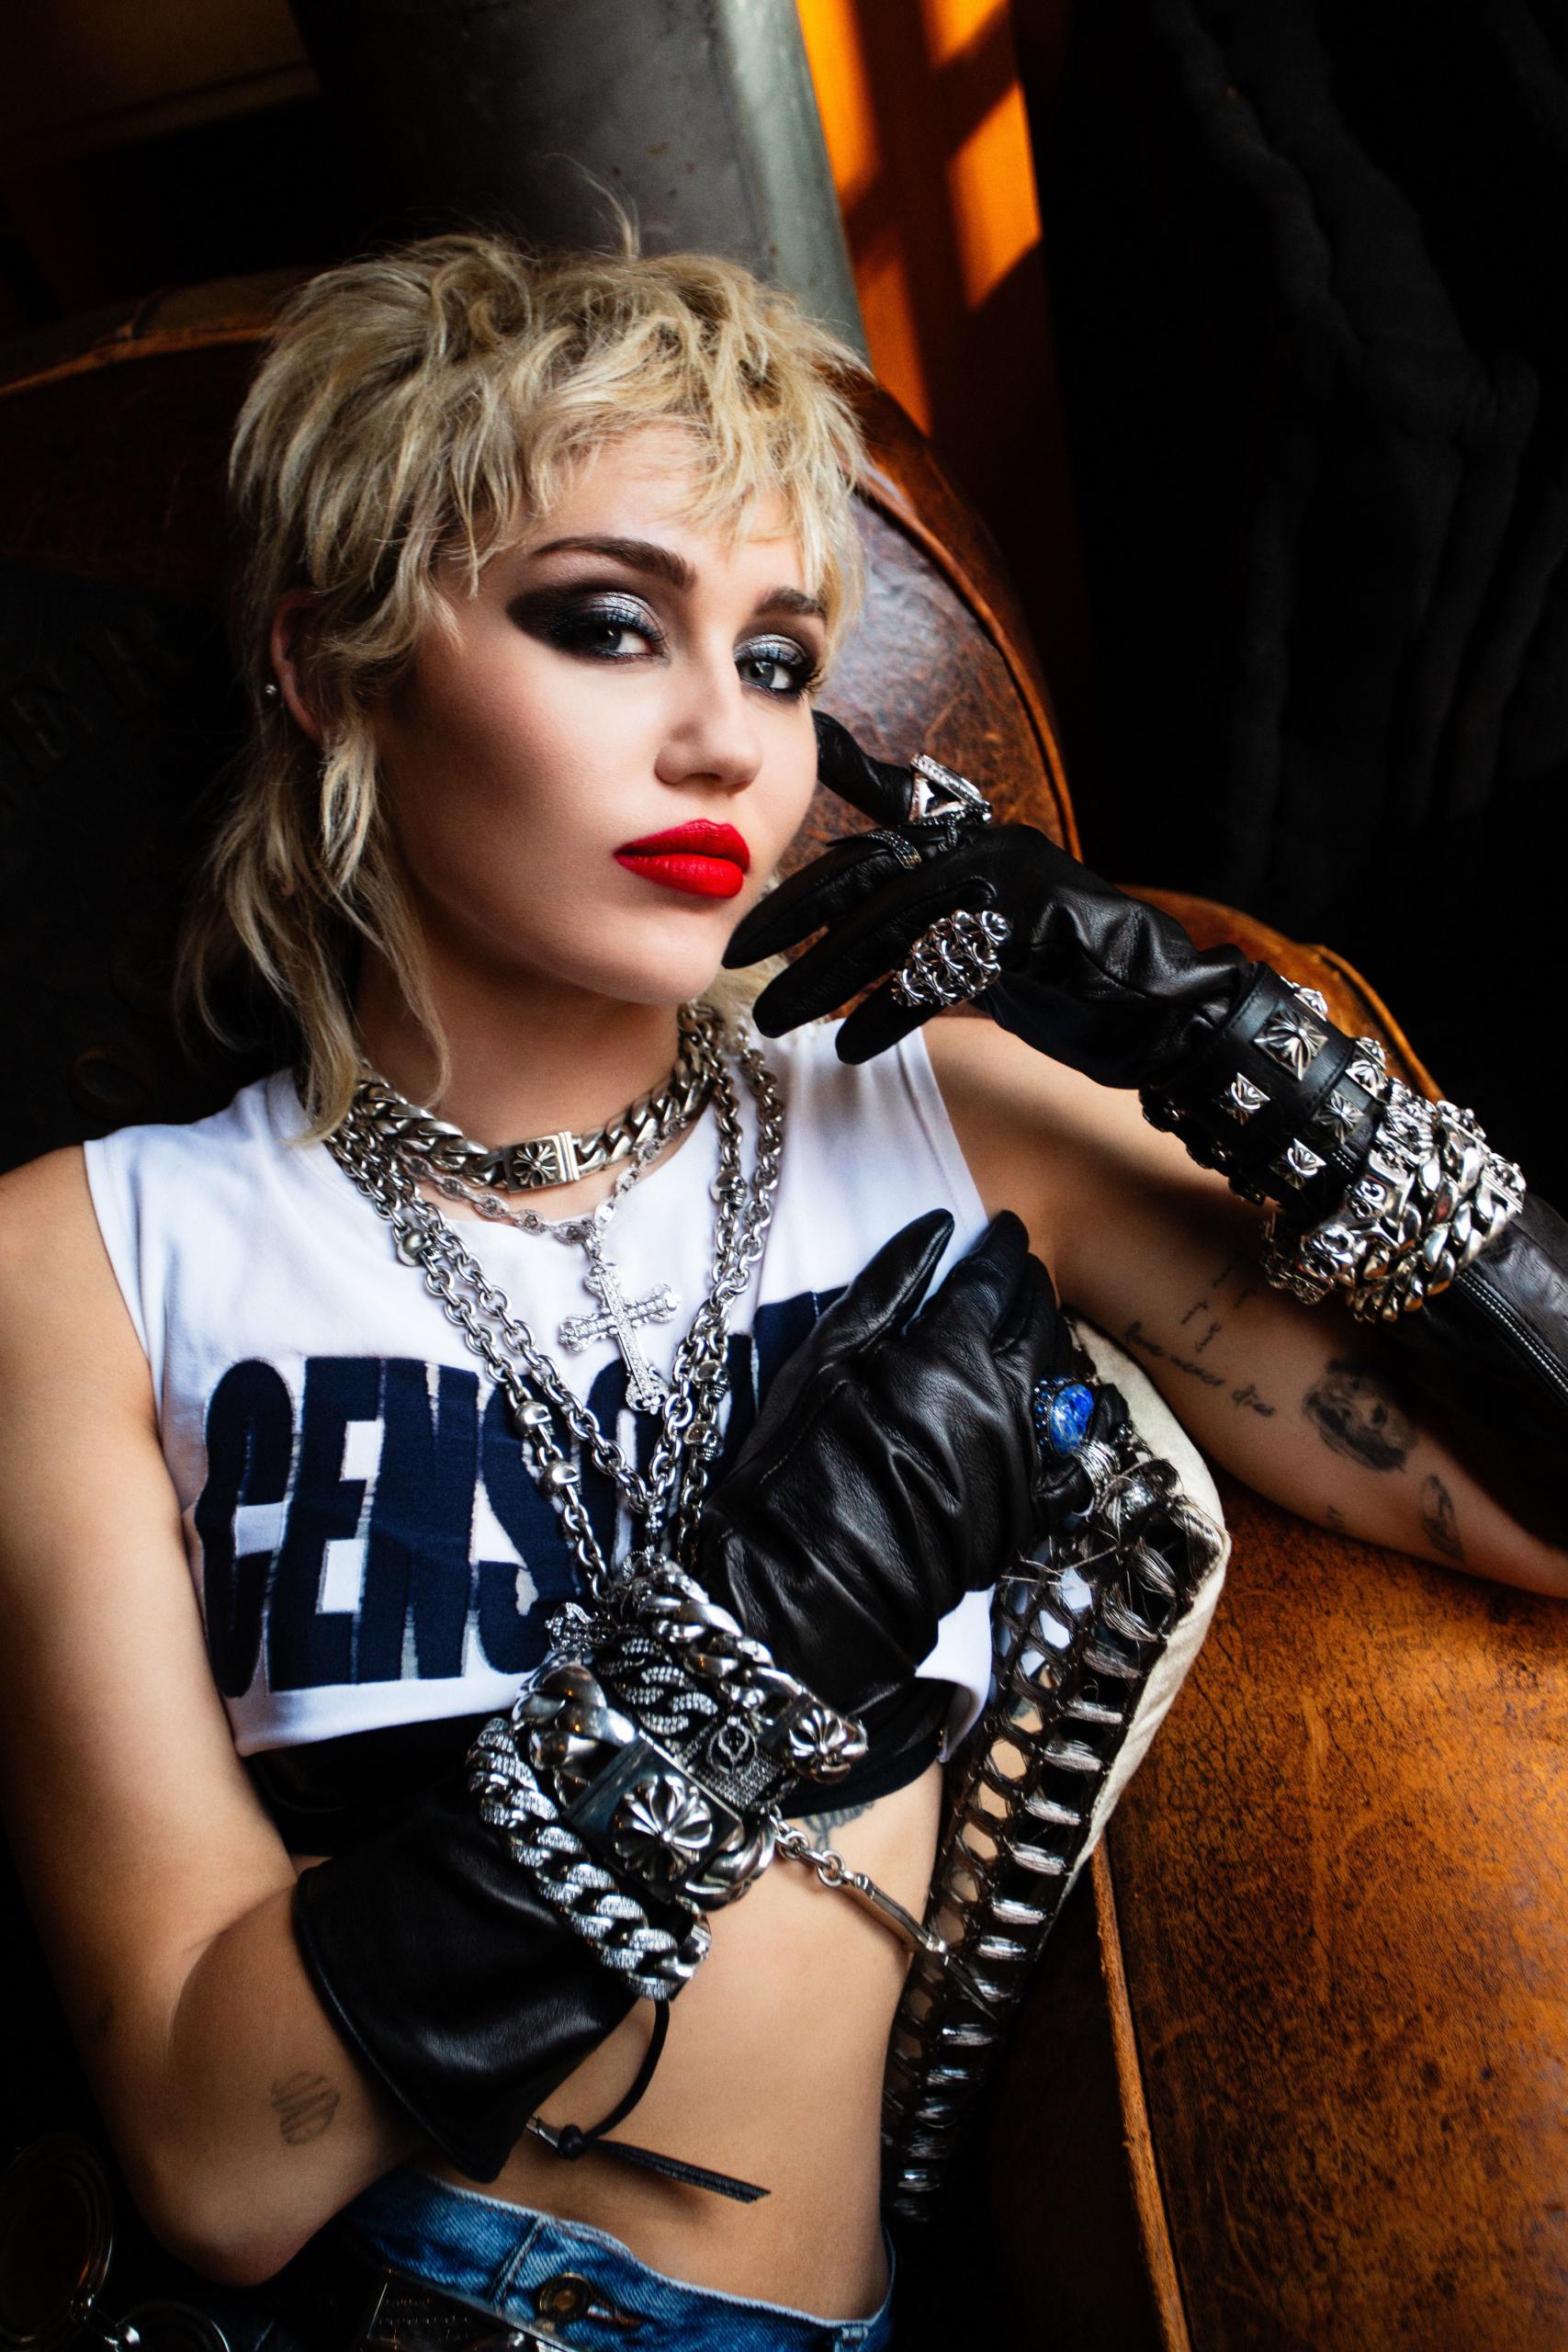 Miley Cyrus dice que su álbum de covers de Metallica contará con Elton John, Chad Smith de los Red Hot Chili Peppers y más